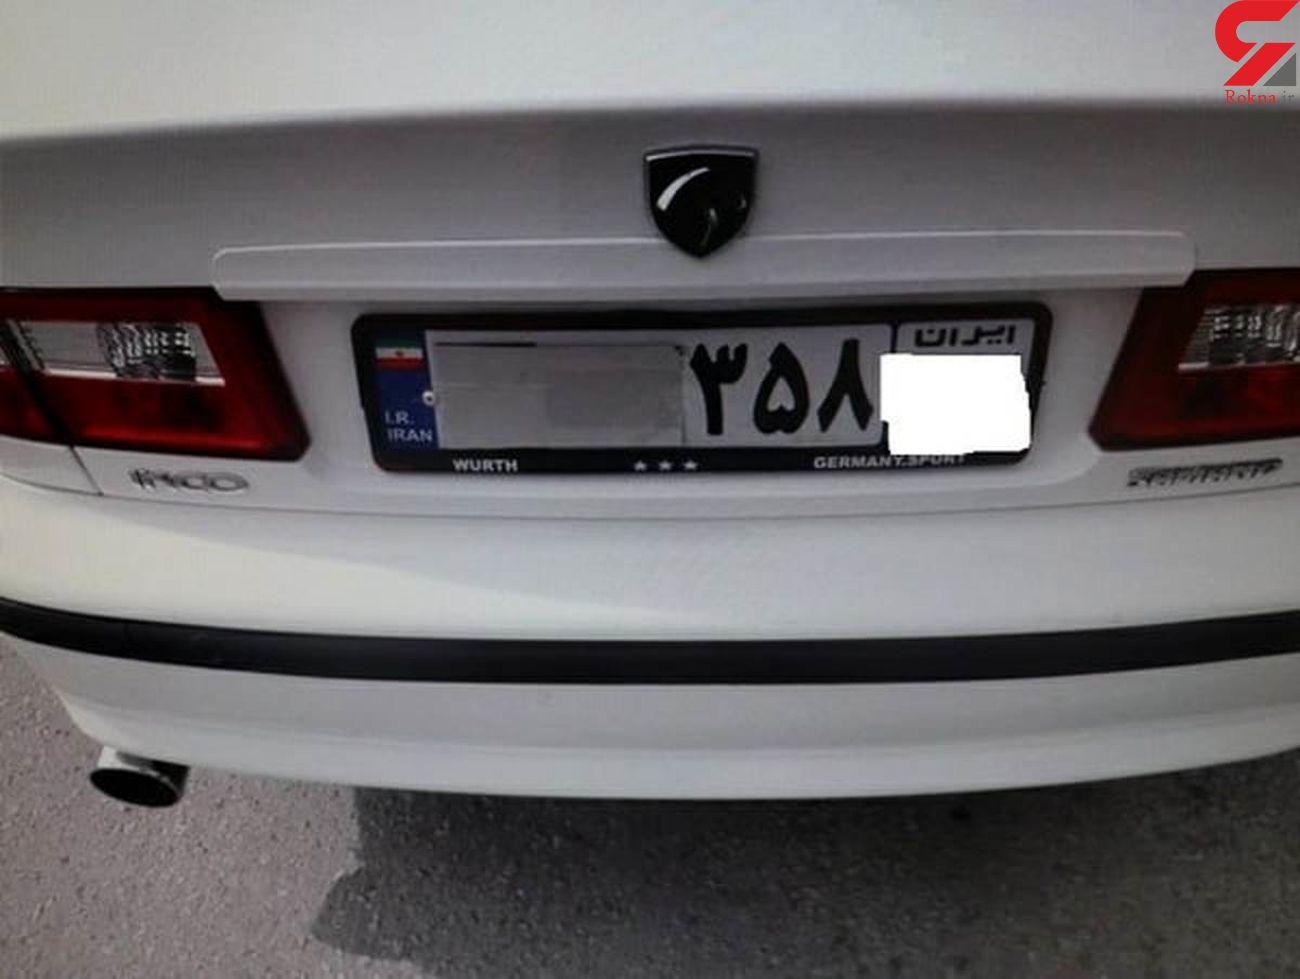 پلاک خودرویتان را مخدوش نکنید؛ یکسال حبس در انتظار خاطیان